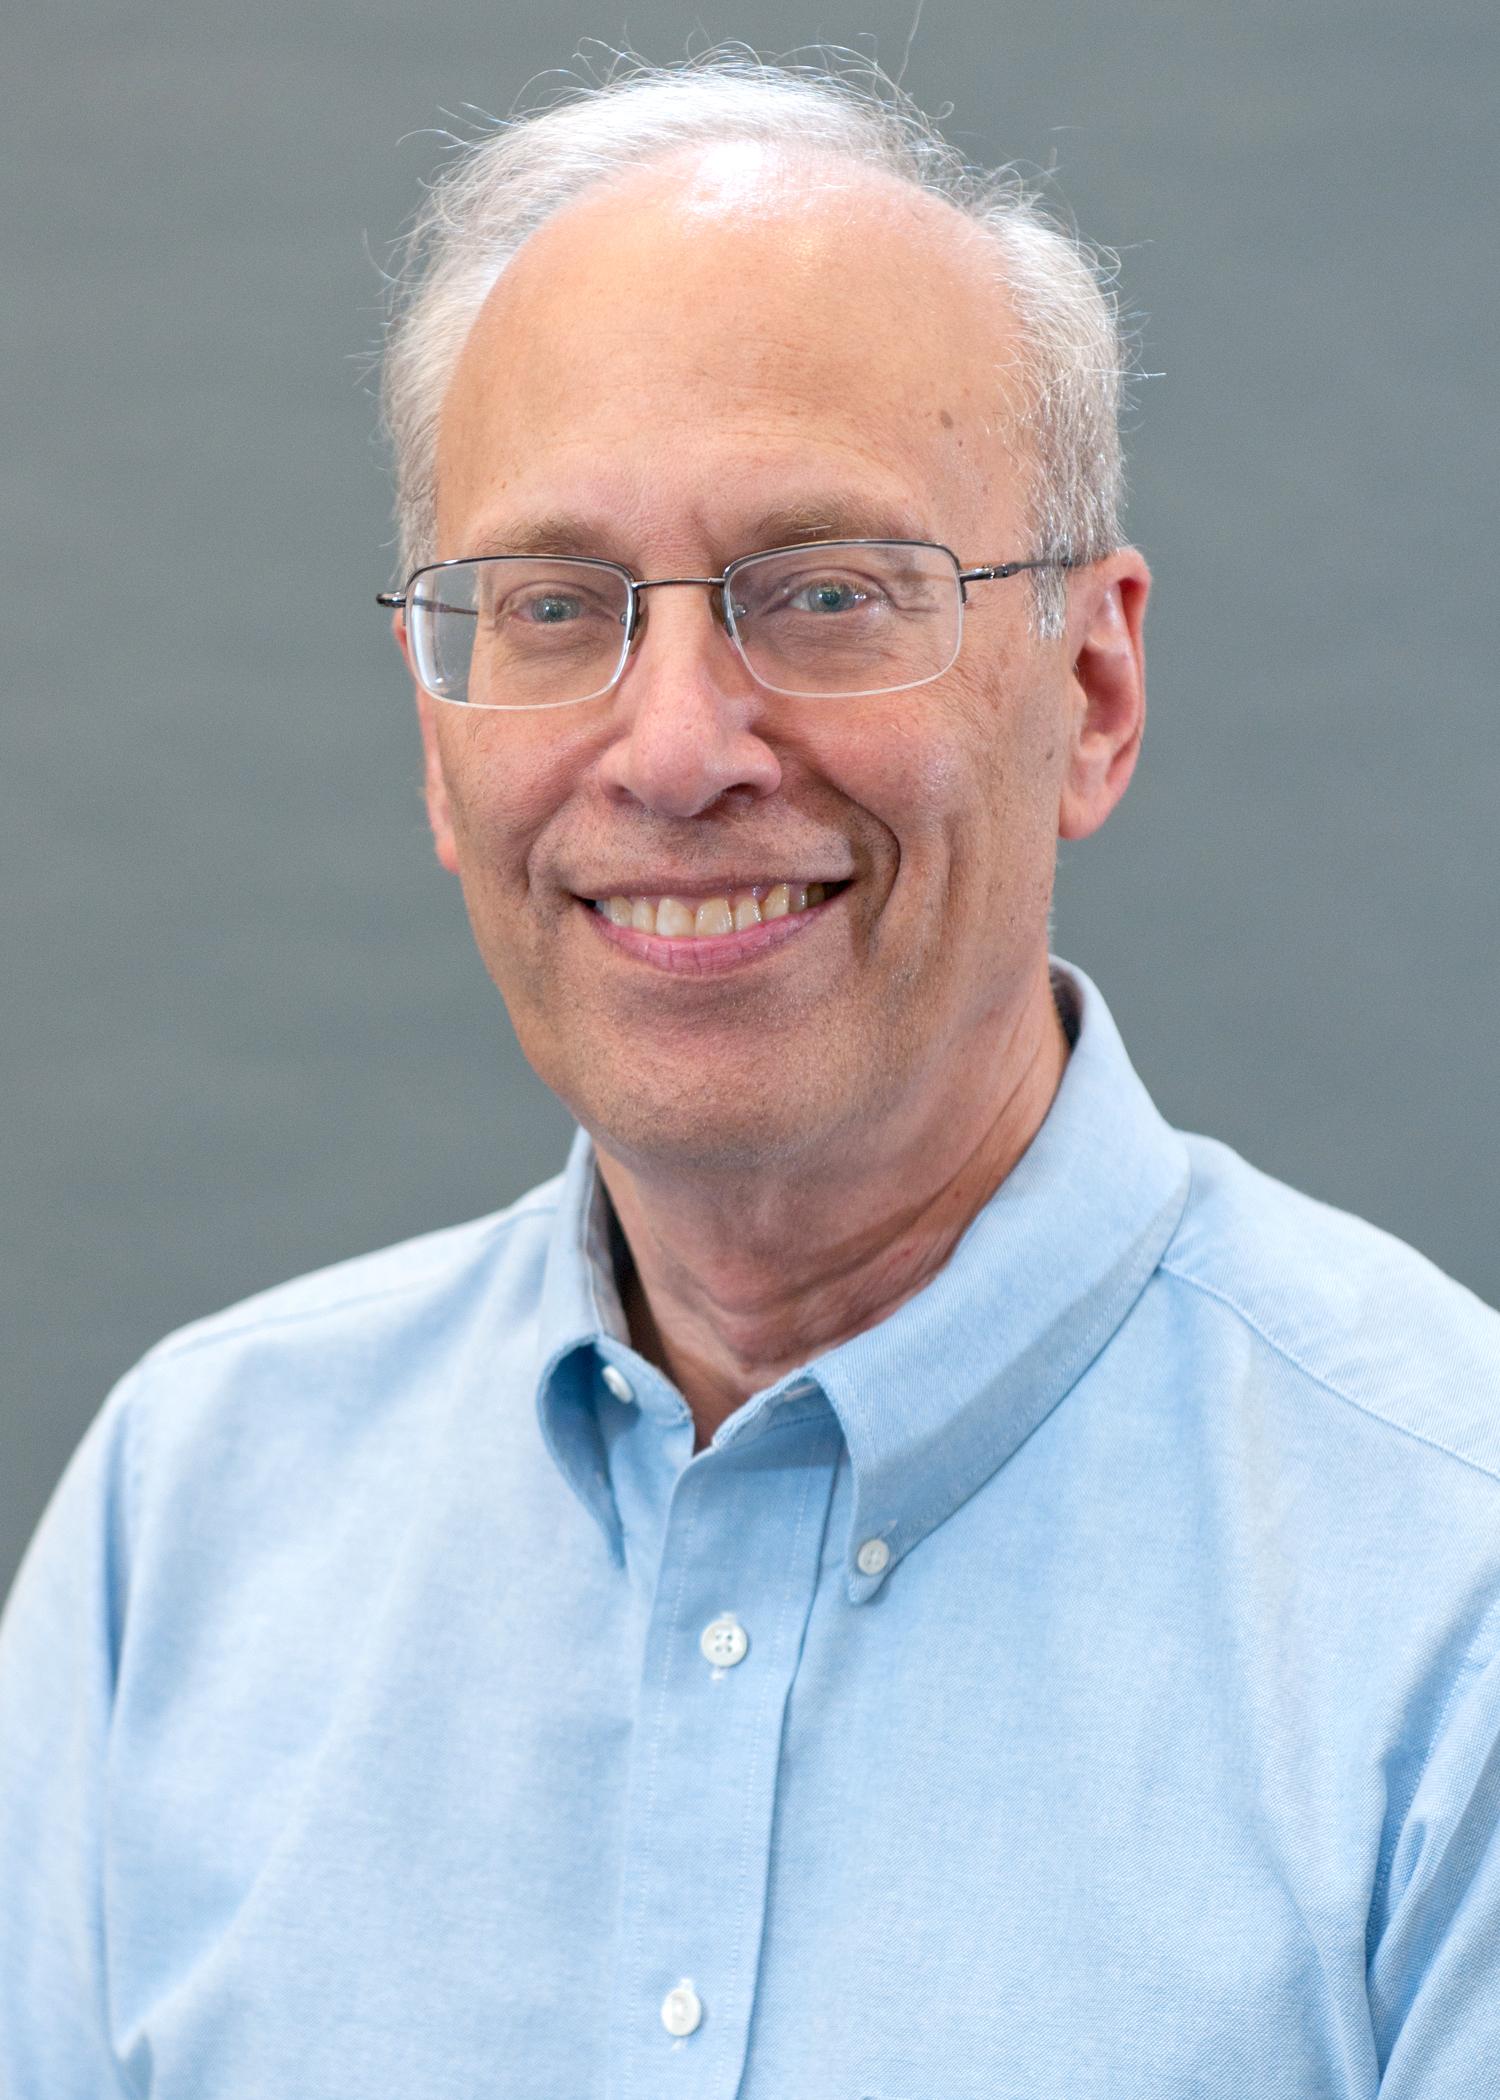 profile image for Steven Gordon